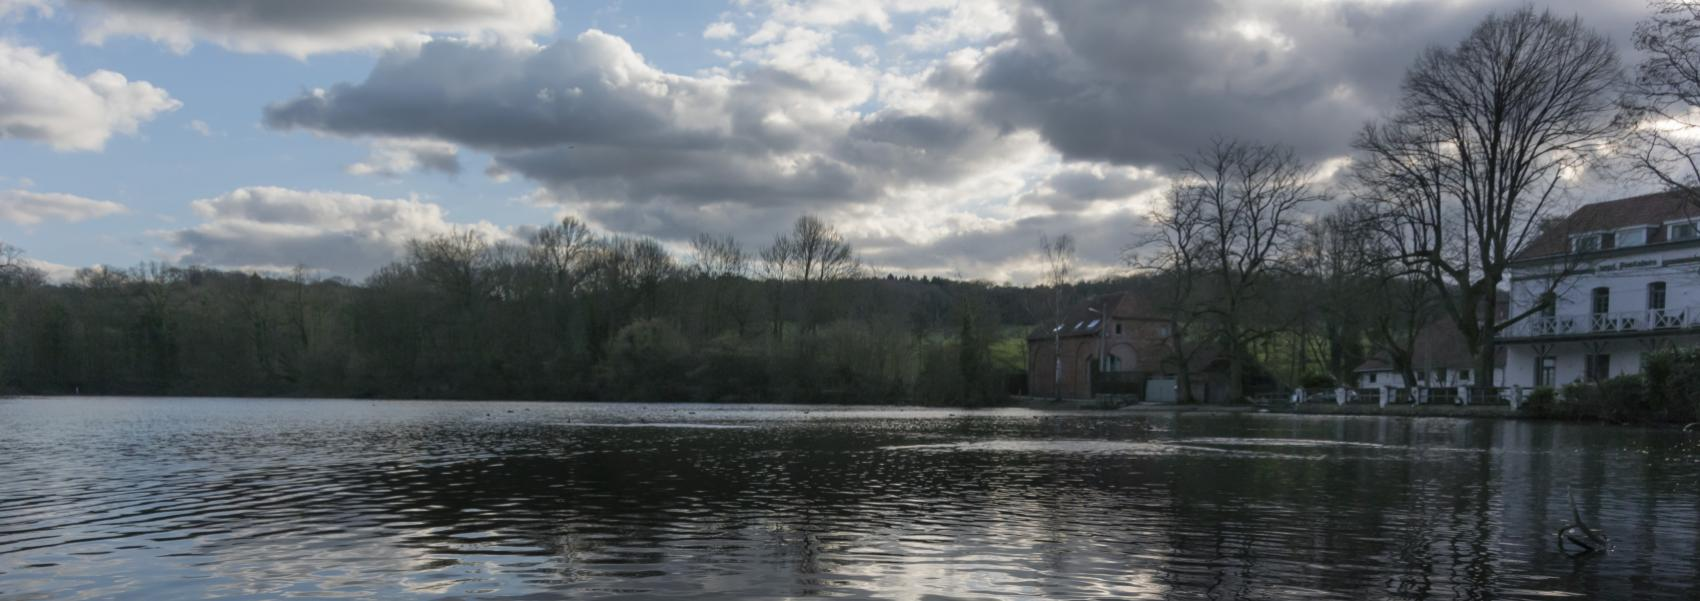 zicht op de vijver met op de achtergrond het bos en een huis